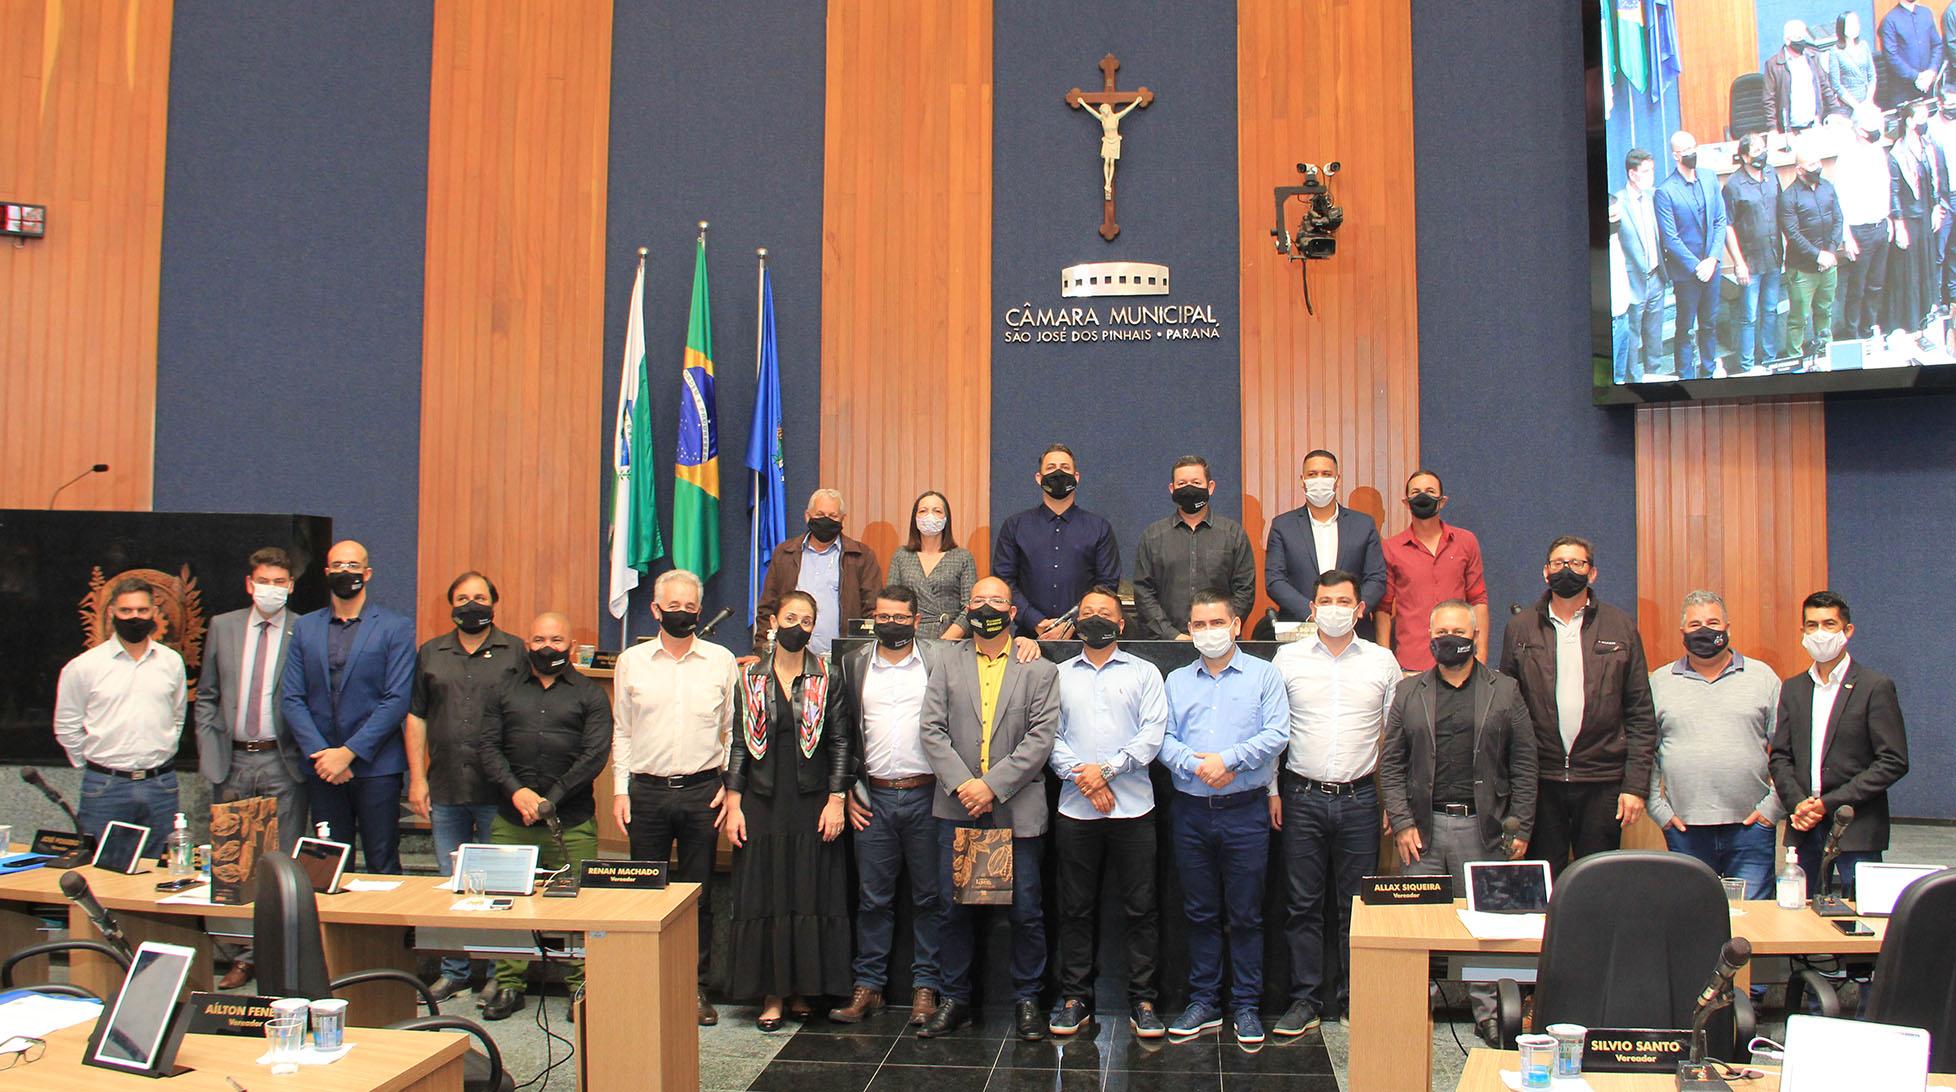 Câmara Municipal homenageia mestres pela passagem do Dia do Professor